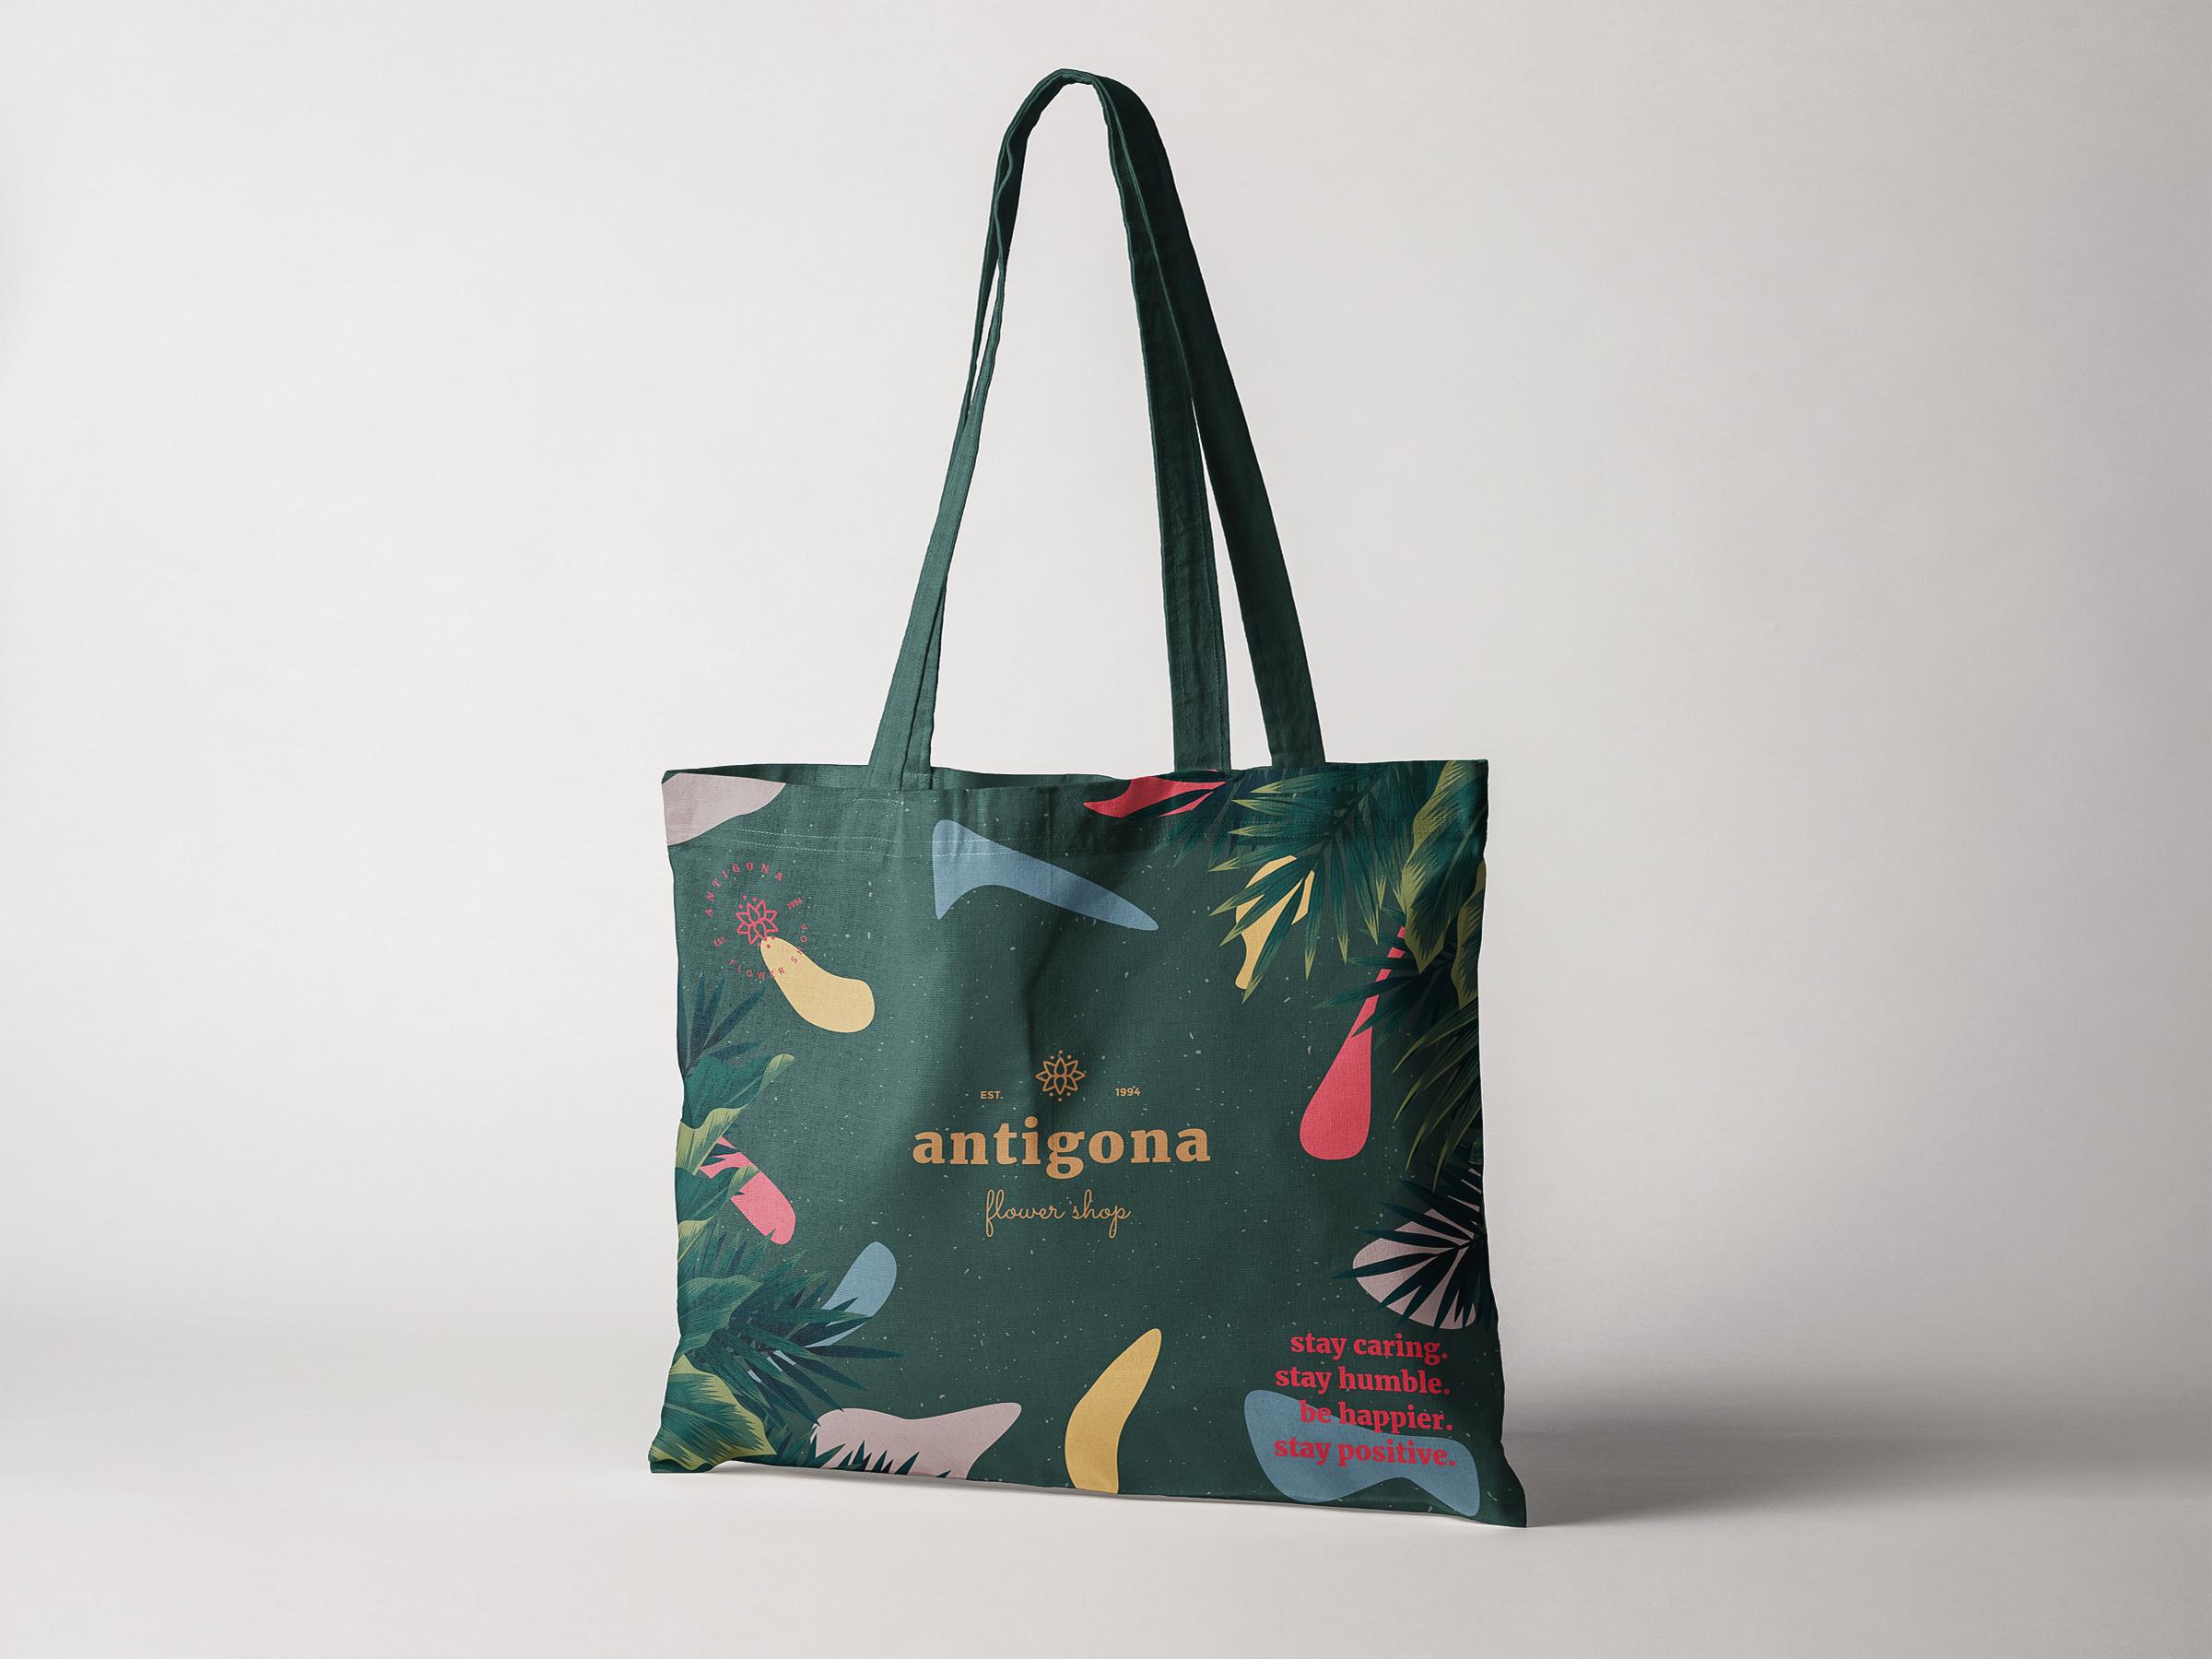 e8a8a6ee769d Design Bag Shop